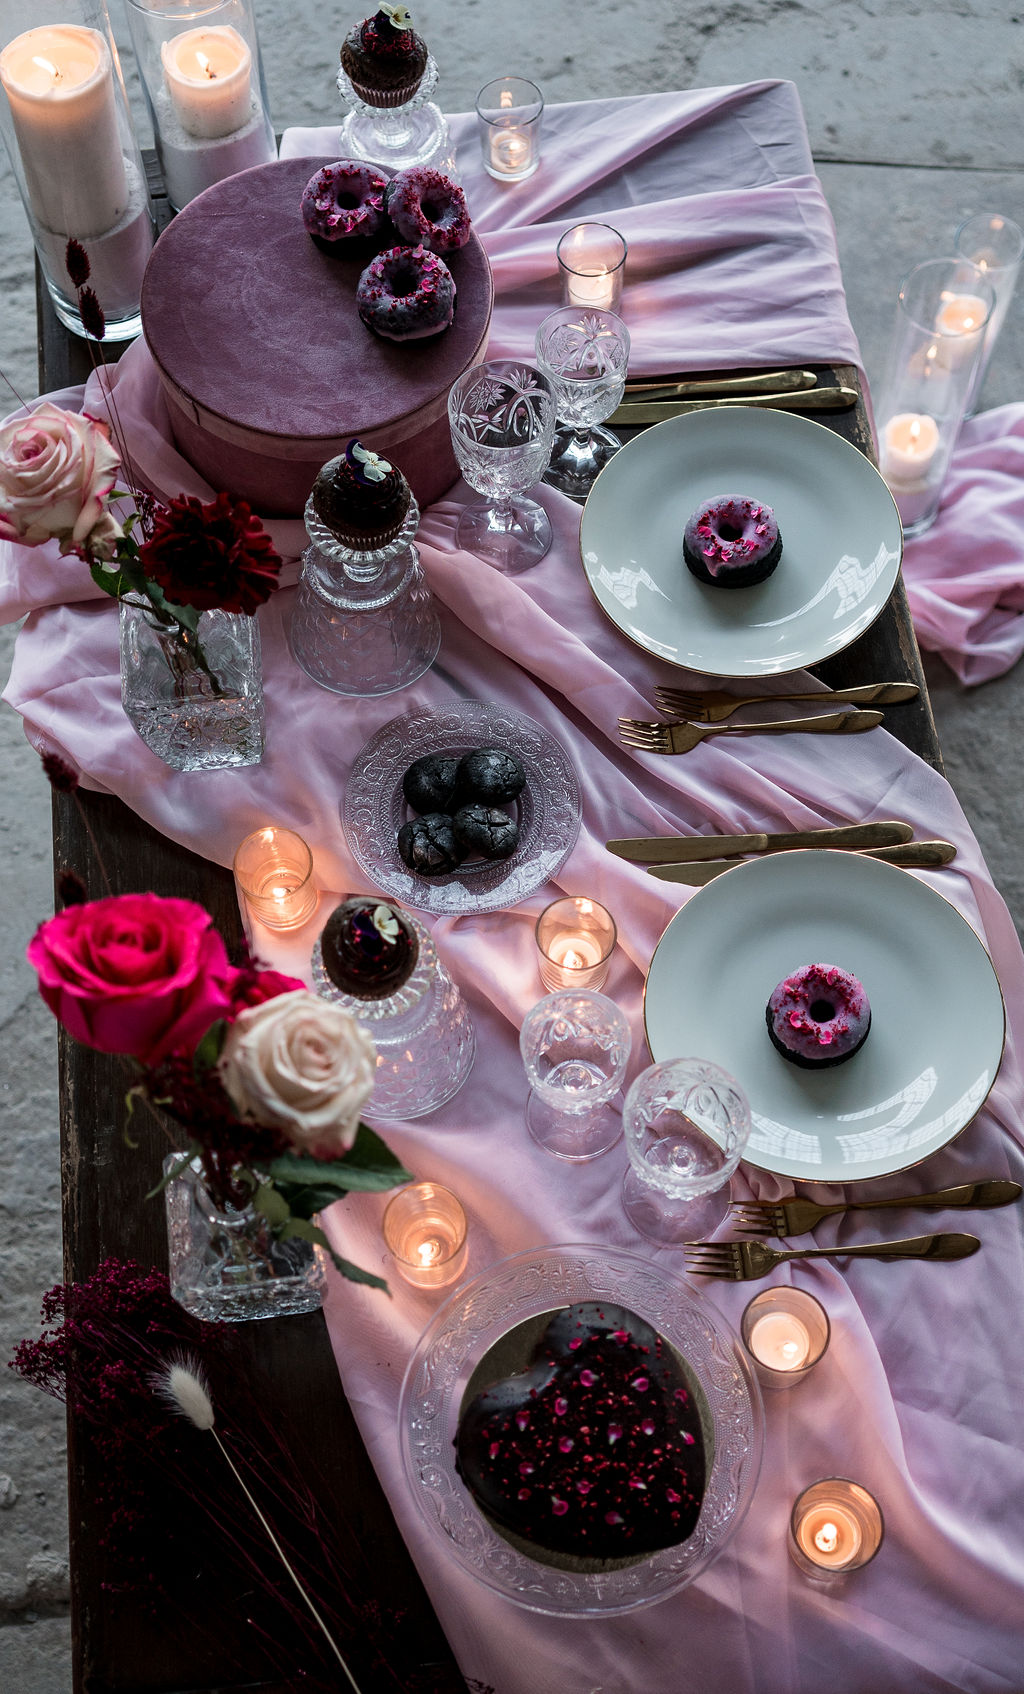 modern industrial wedding - alternative wedding - unconventional wedding - edgy wedding - pink wedding table - relaxed wedding table styling - modern wedding styling